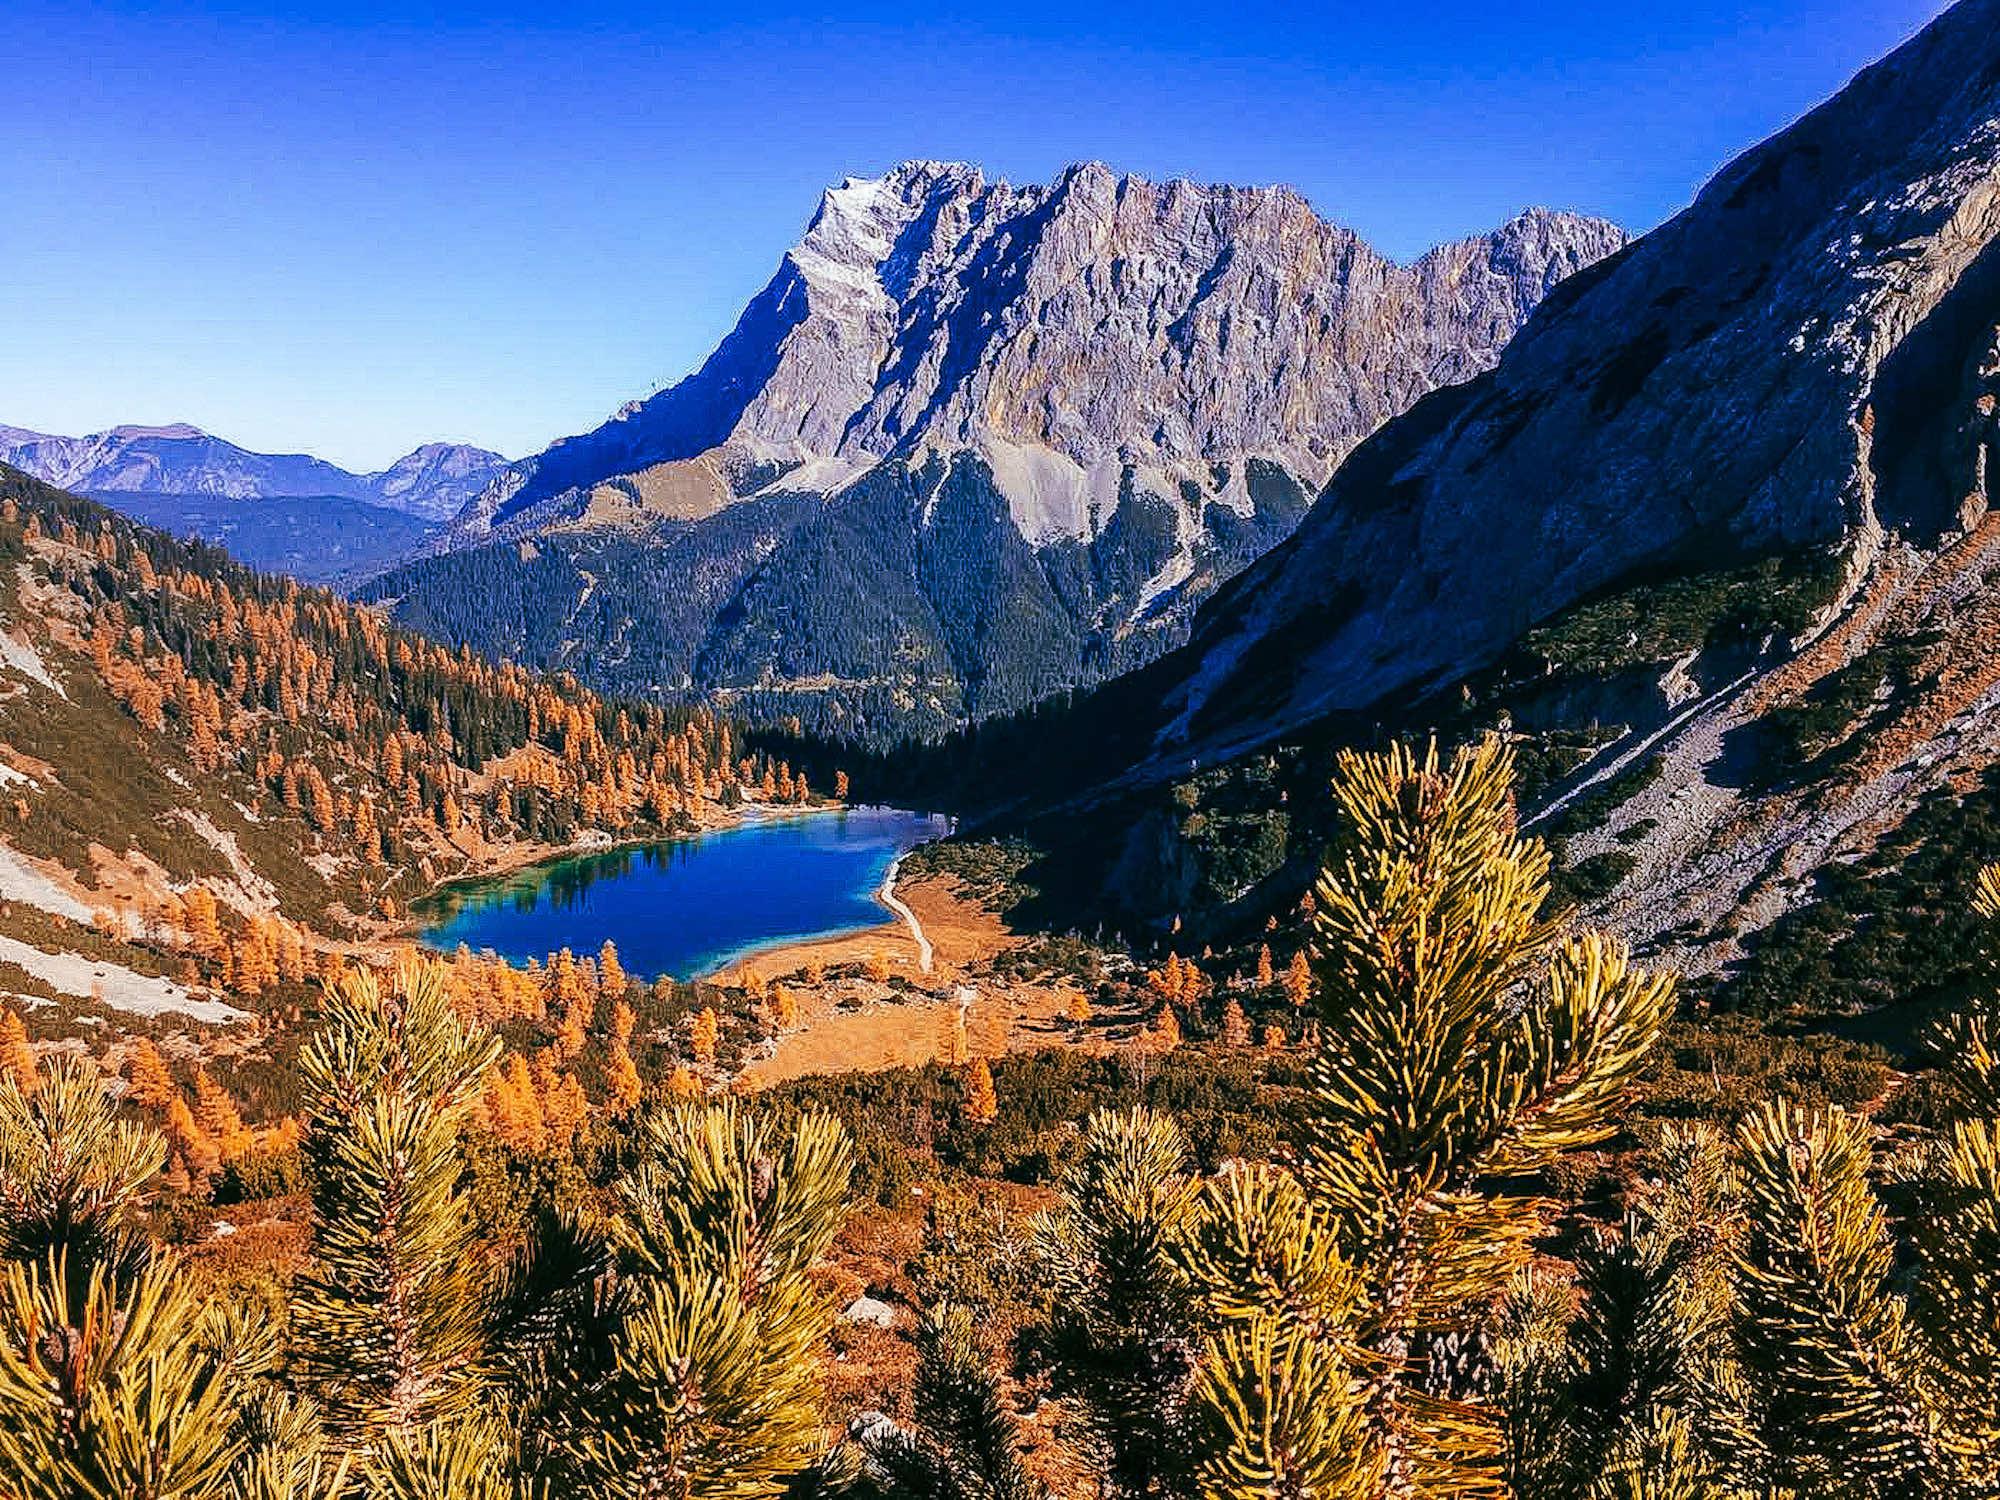 Gipfeltreffen im Herbst – 7 aussichtsreiche Bergtouren und Wanderungen